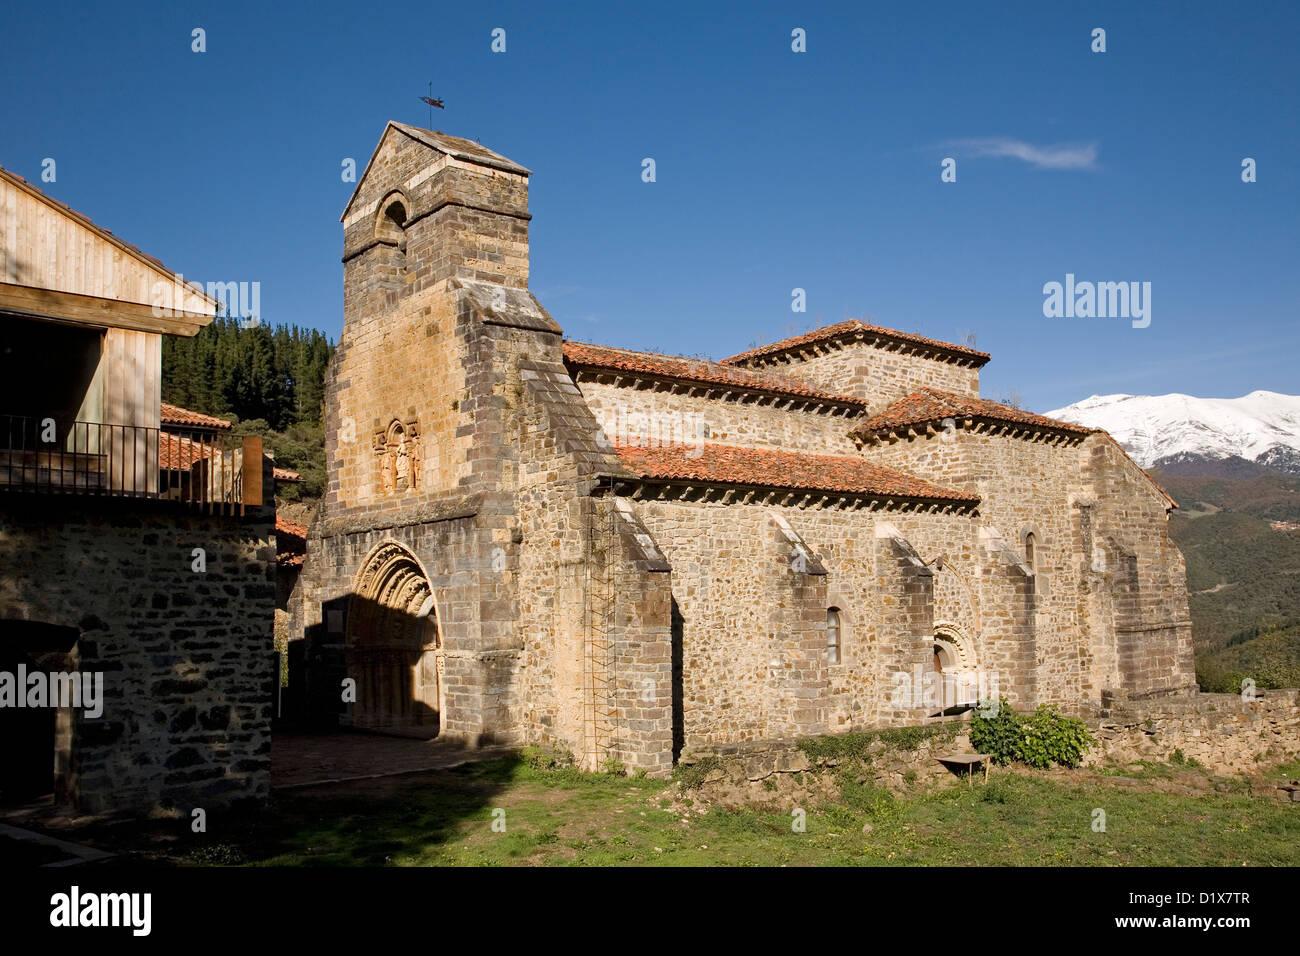 Romanesque church Santa María la Real de Piasca Liébana Picos de Europa Cantabria Spain - Stock Image